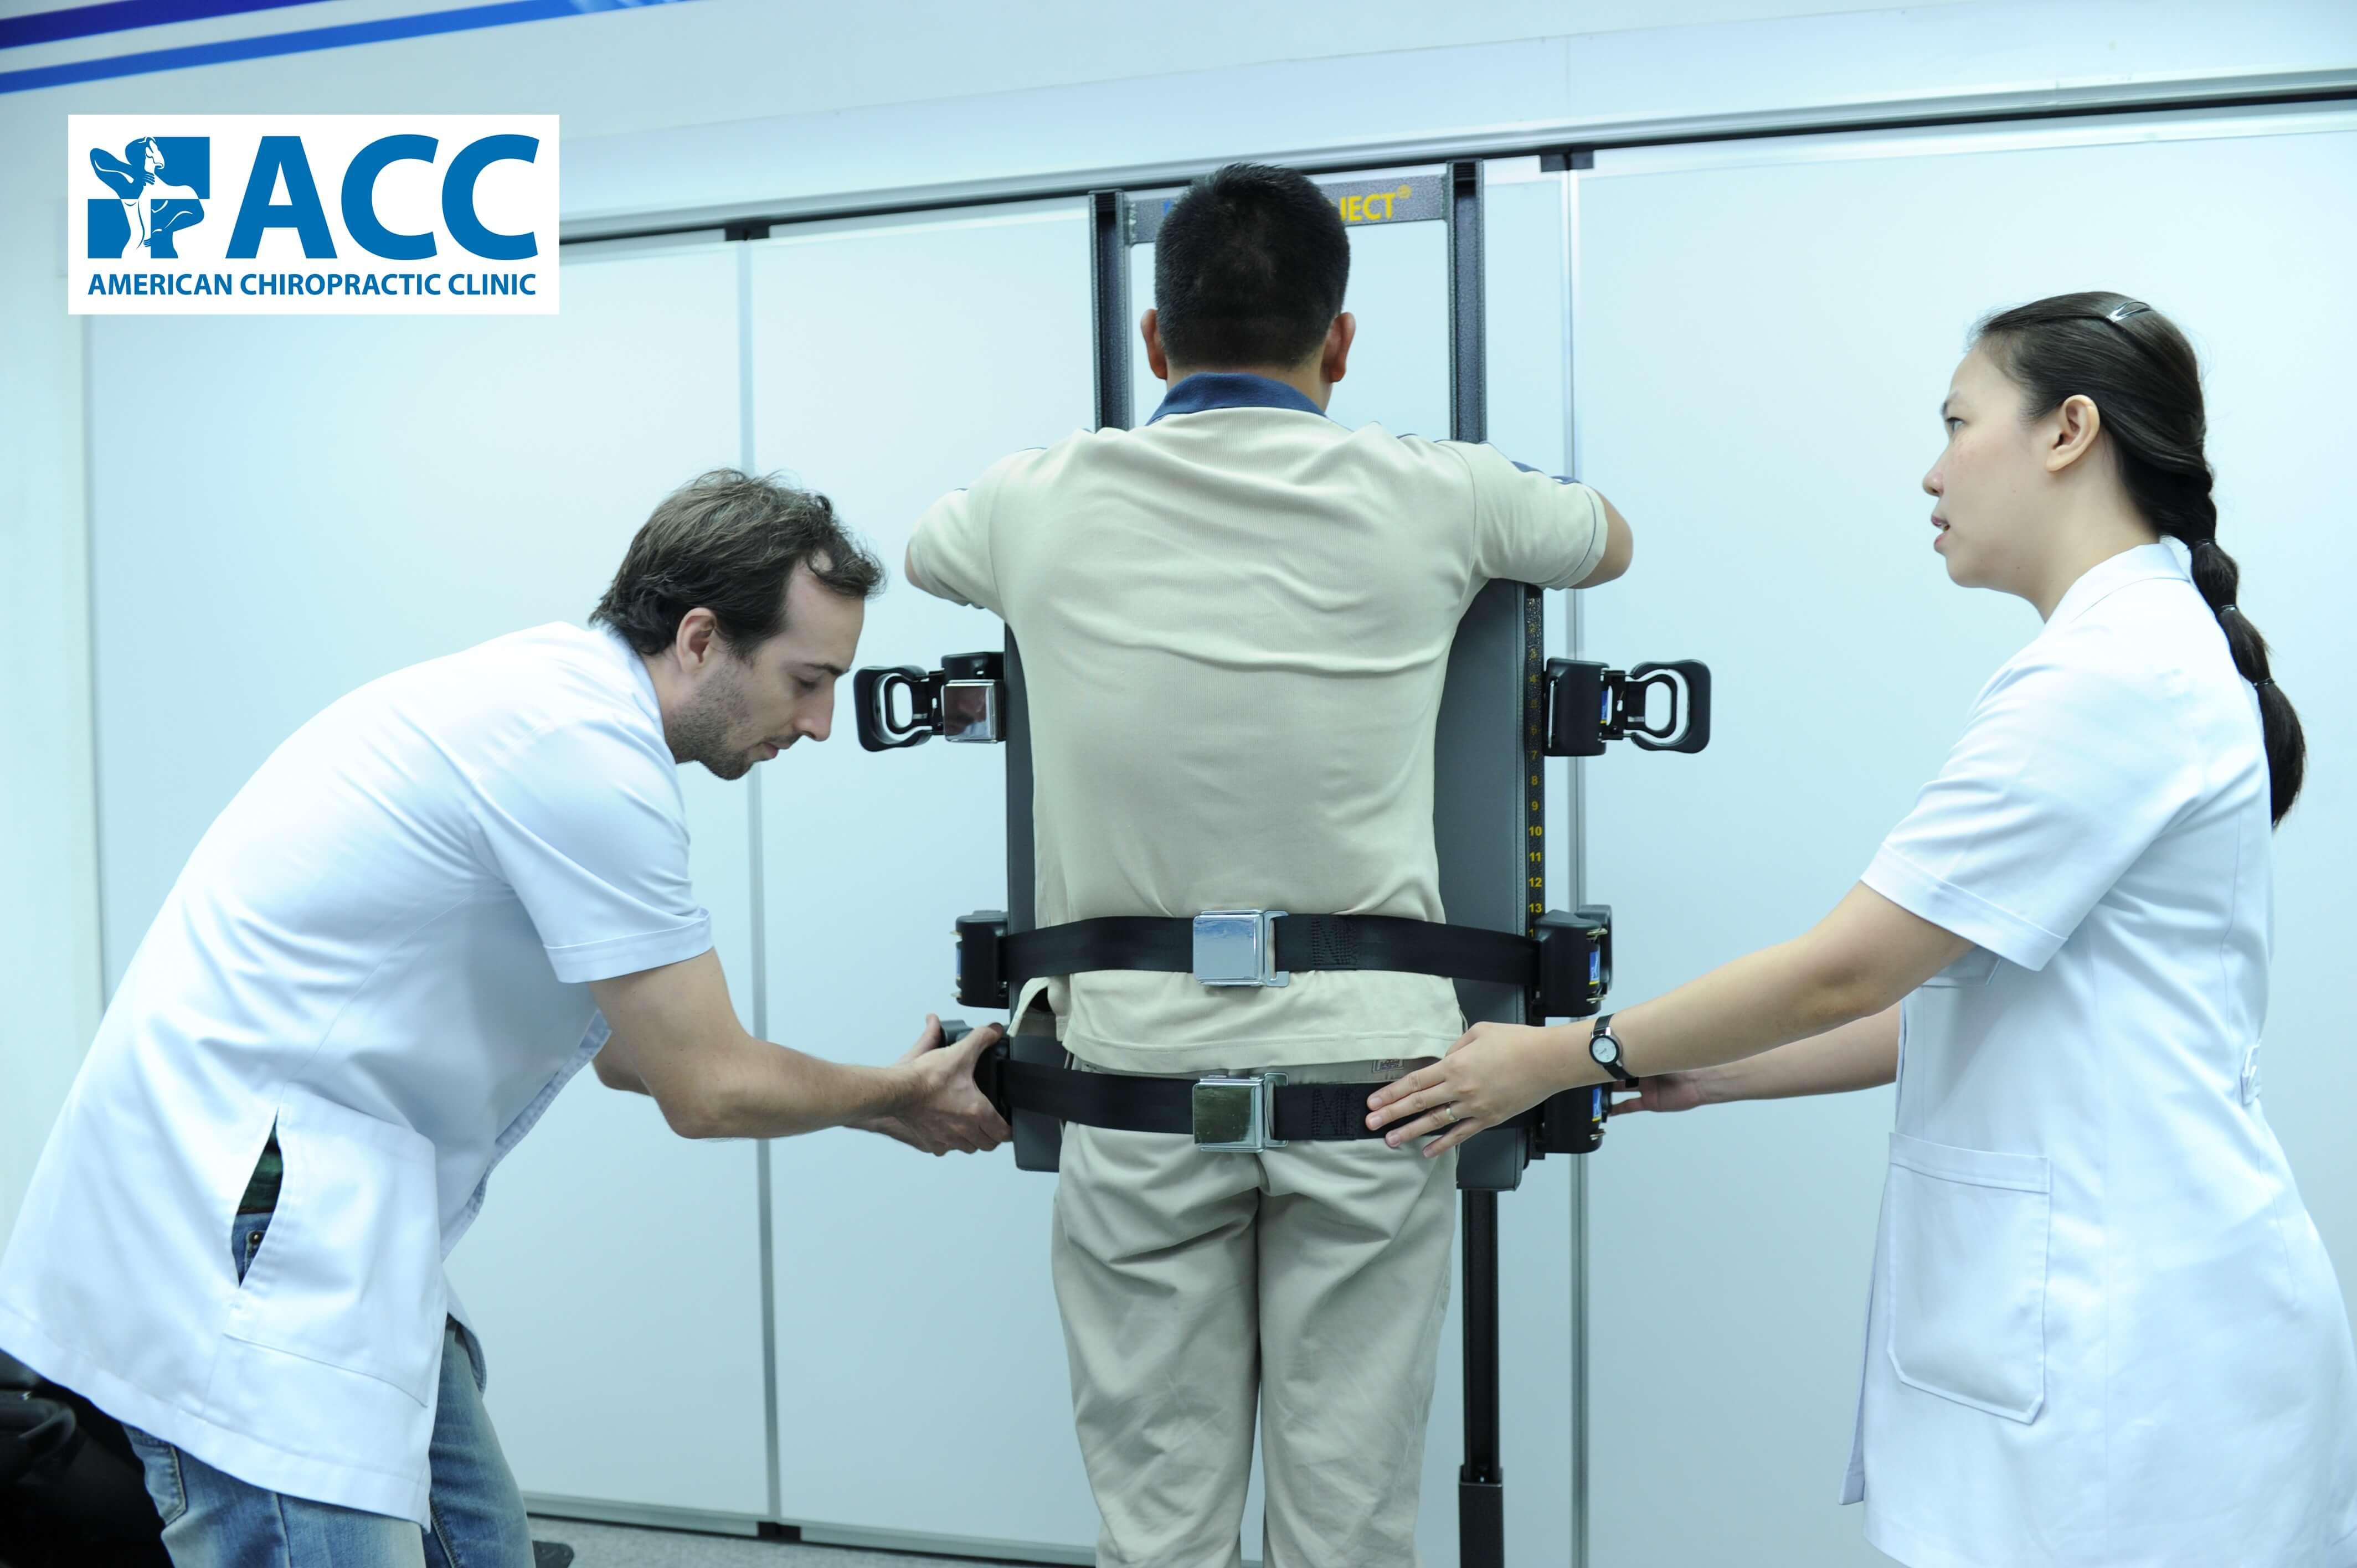 Bác sĩ và kỹ thuật viên vật lý trị liệu đang sử dụng máy tăng động trị liệu ATM2 giúp bệnh nhân thoát vị đĩa đệm